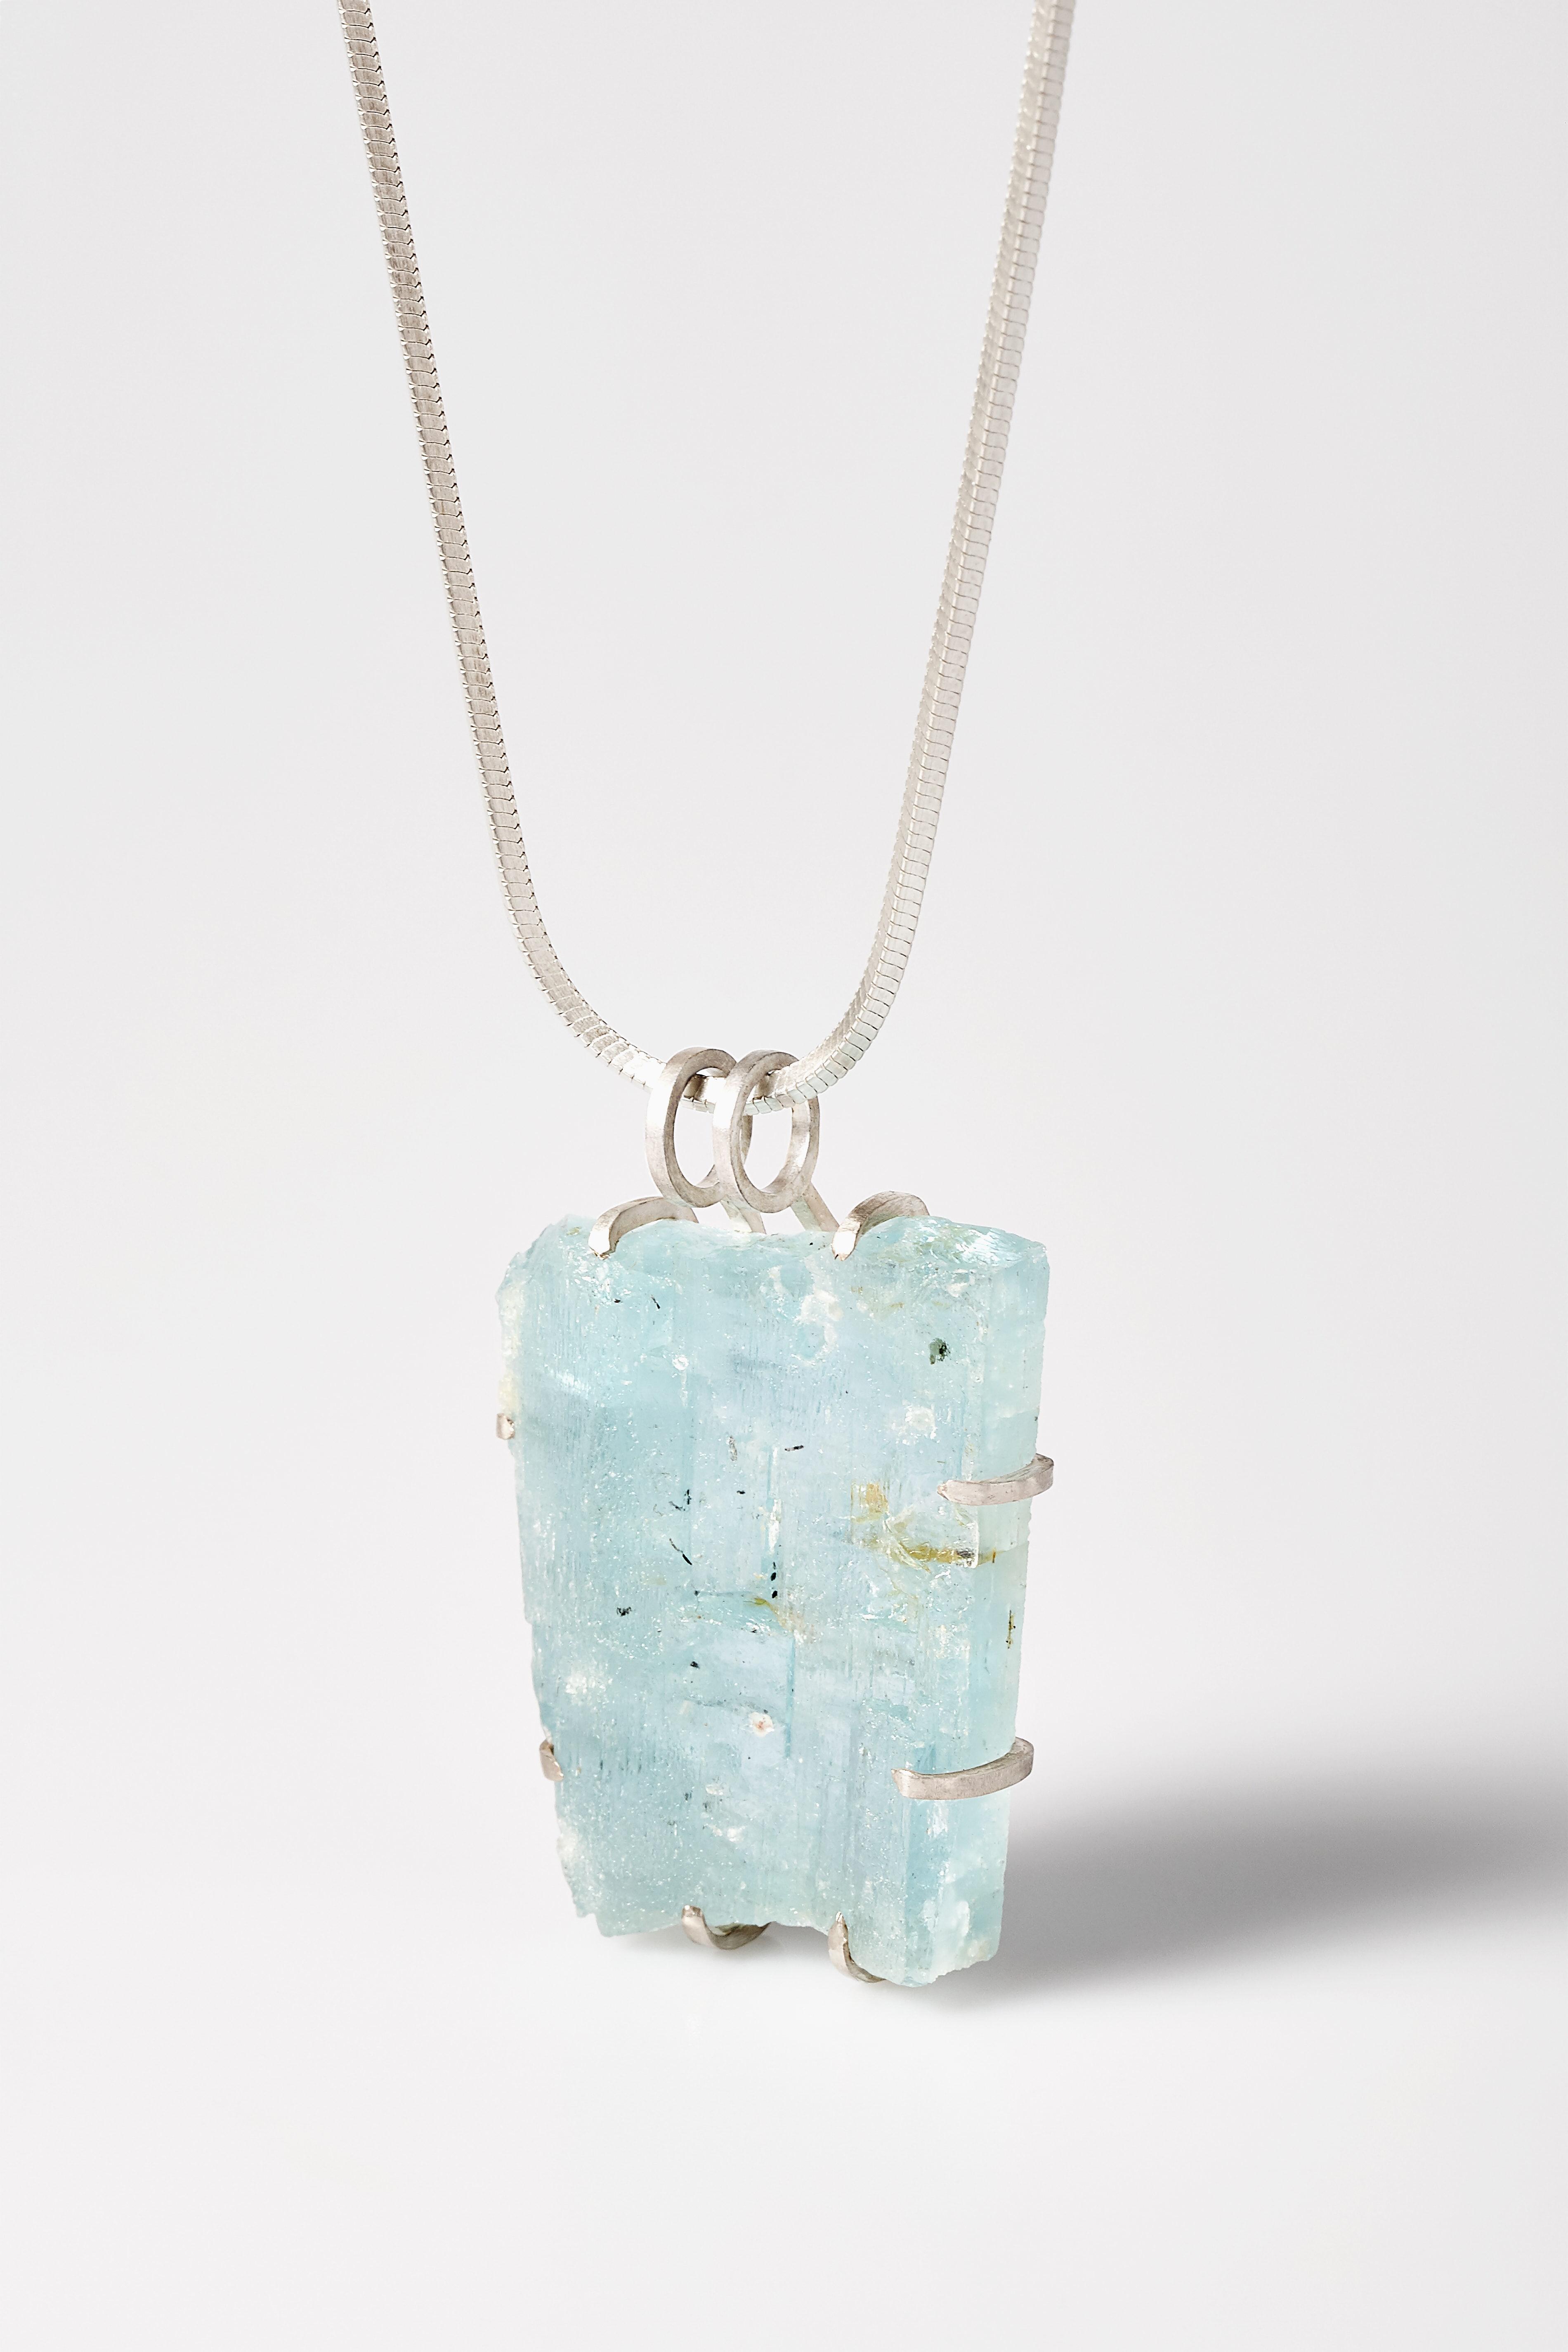 Aquamarin pendant.1